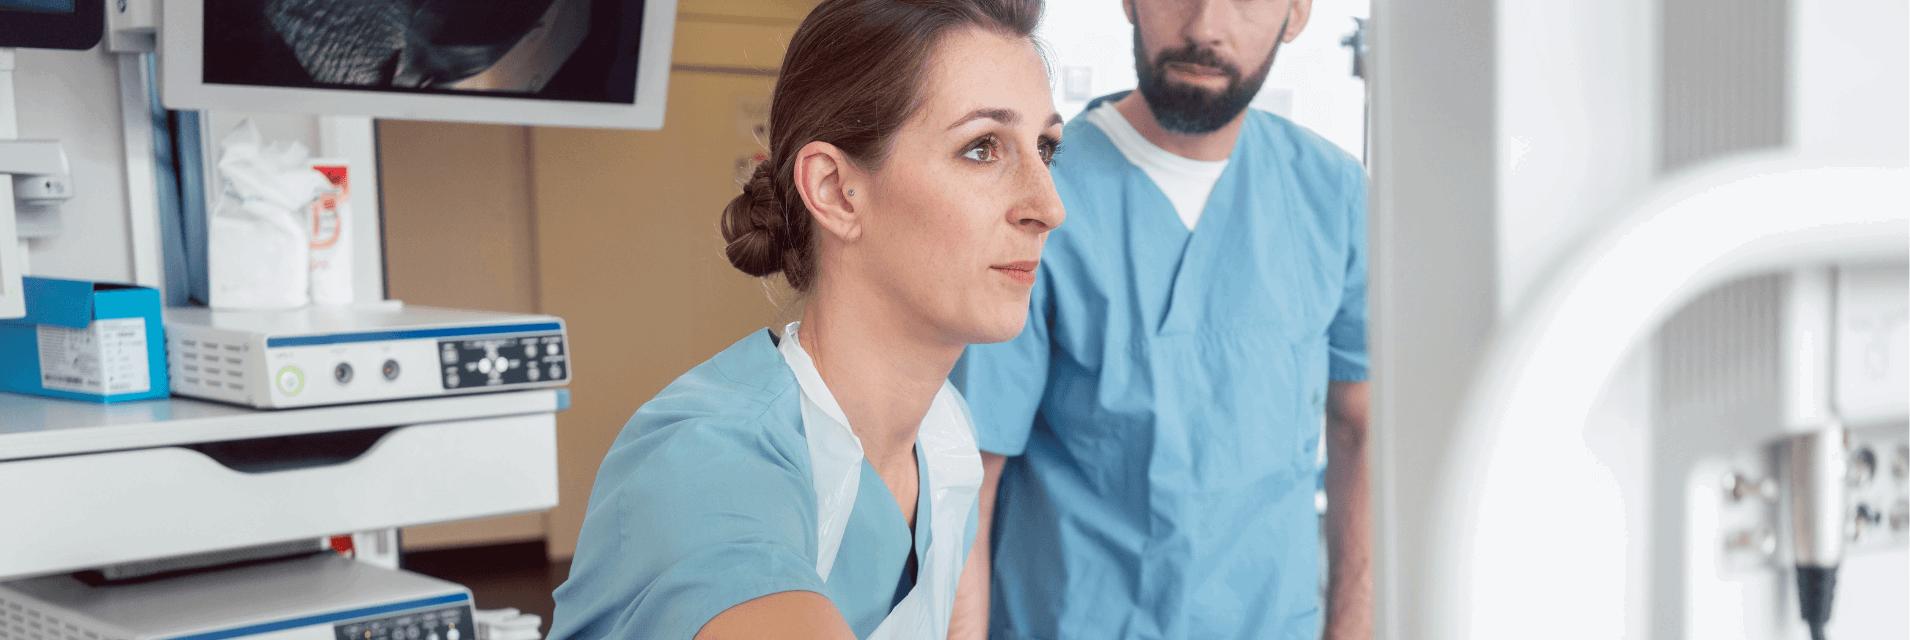 badania endoskopowe w betamed